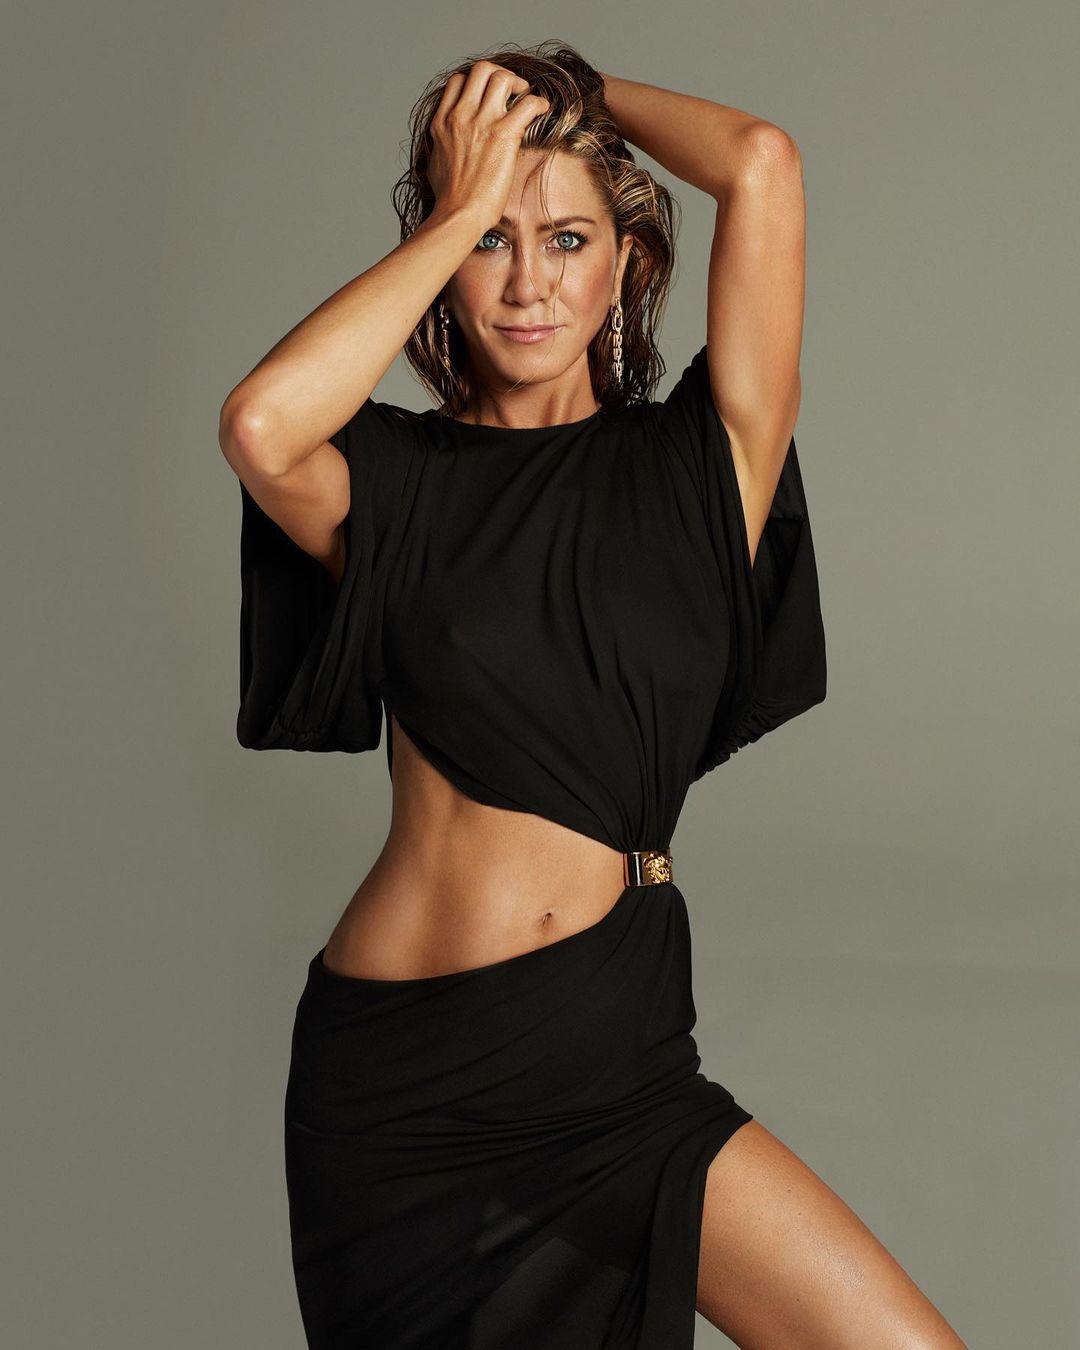 Jennifer Aniston'ın sağlık ve güzellik sırrı. Protein desteği